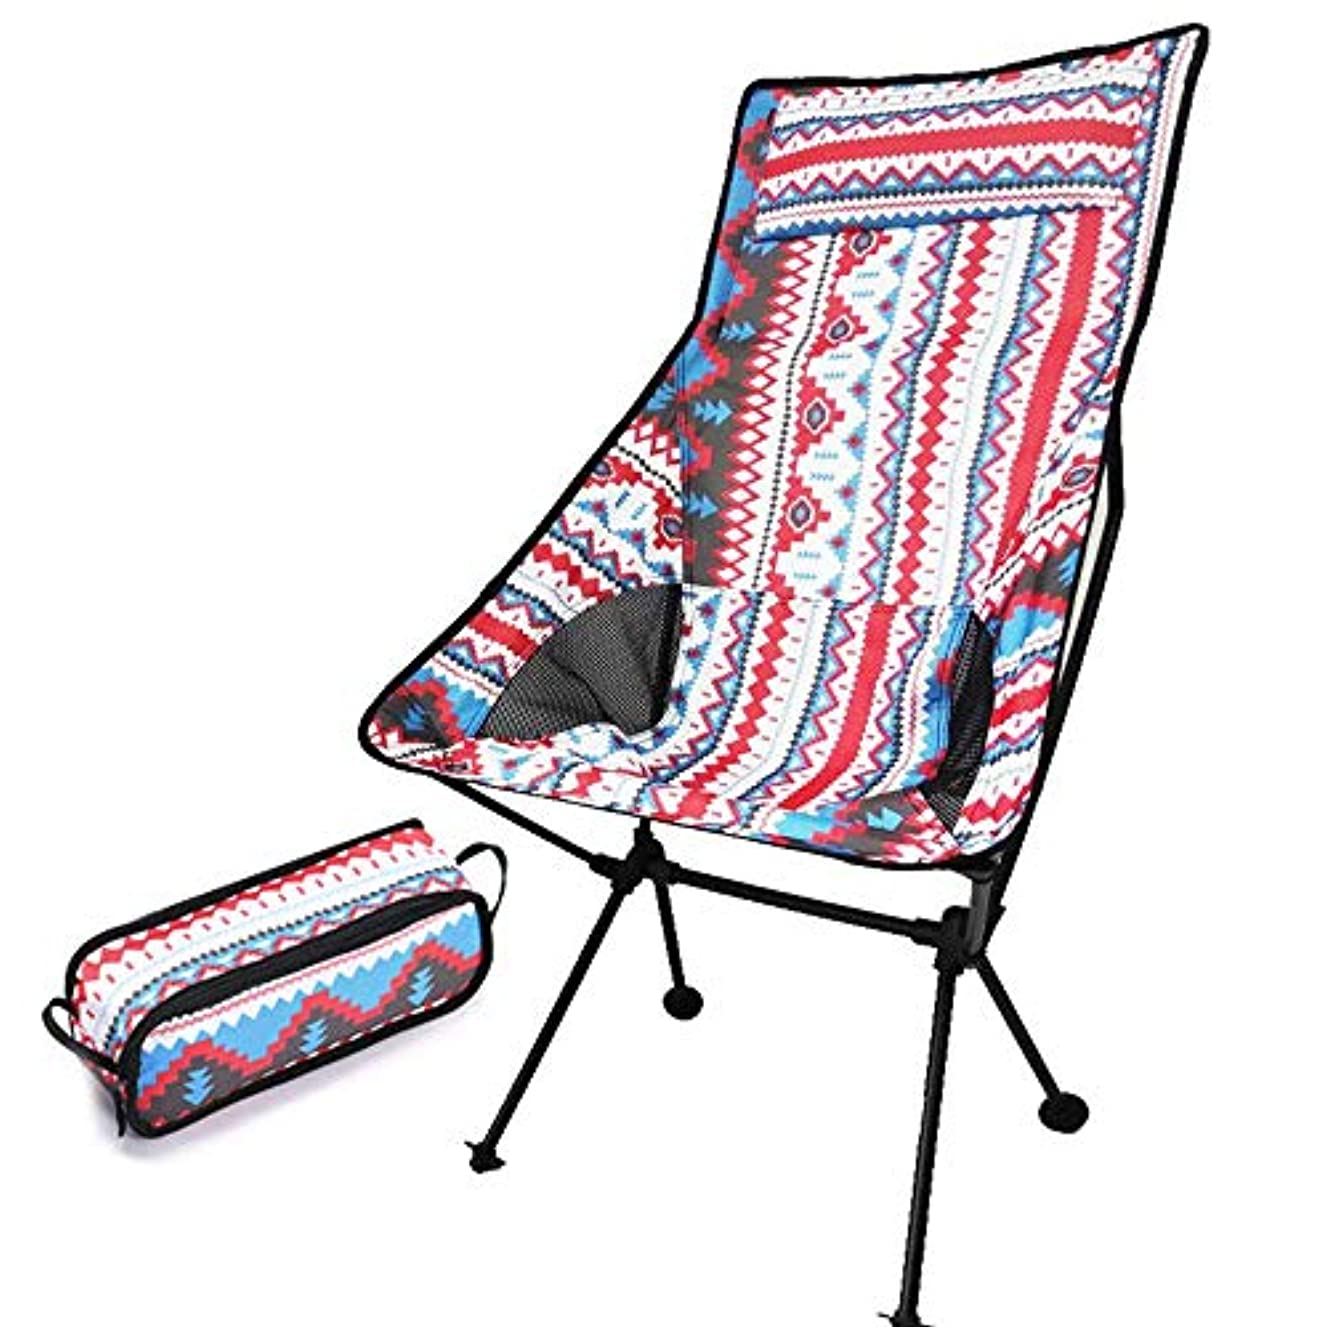 チャンバー無礼にバウンスMIRROR SHOP アウトドアチェア ハイバックアウトドアチェア 折りたたみ レジャー 軽量 ハンモック 椅子 イス コンパクト 収納バック ad162